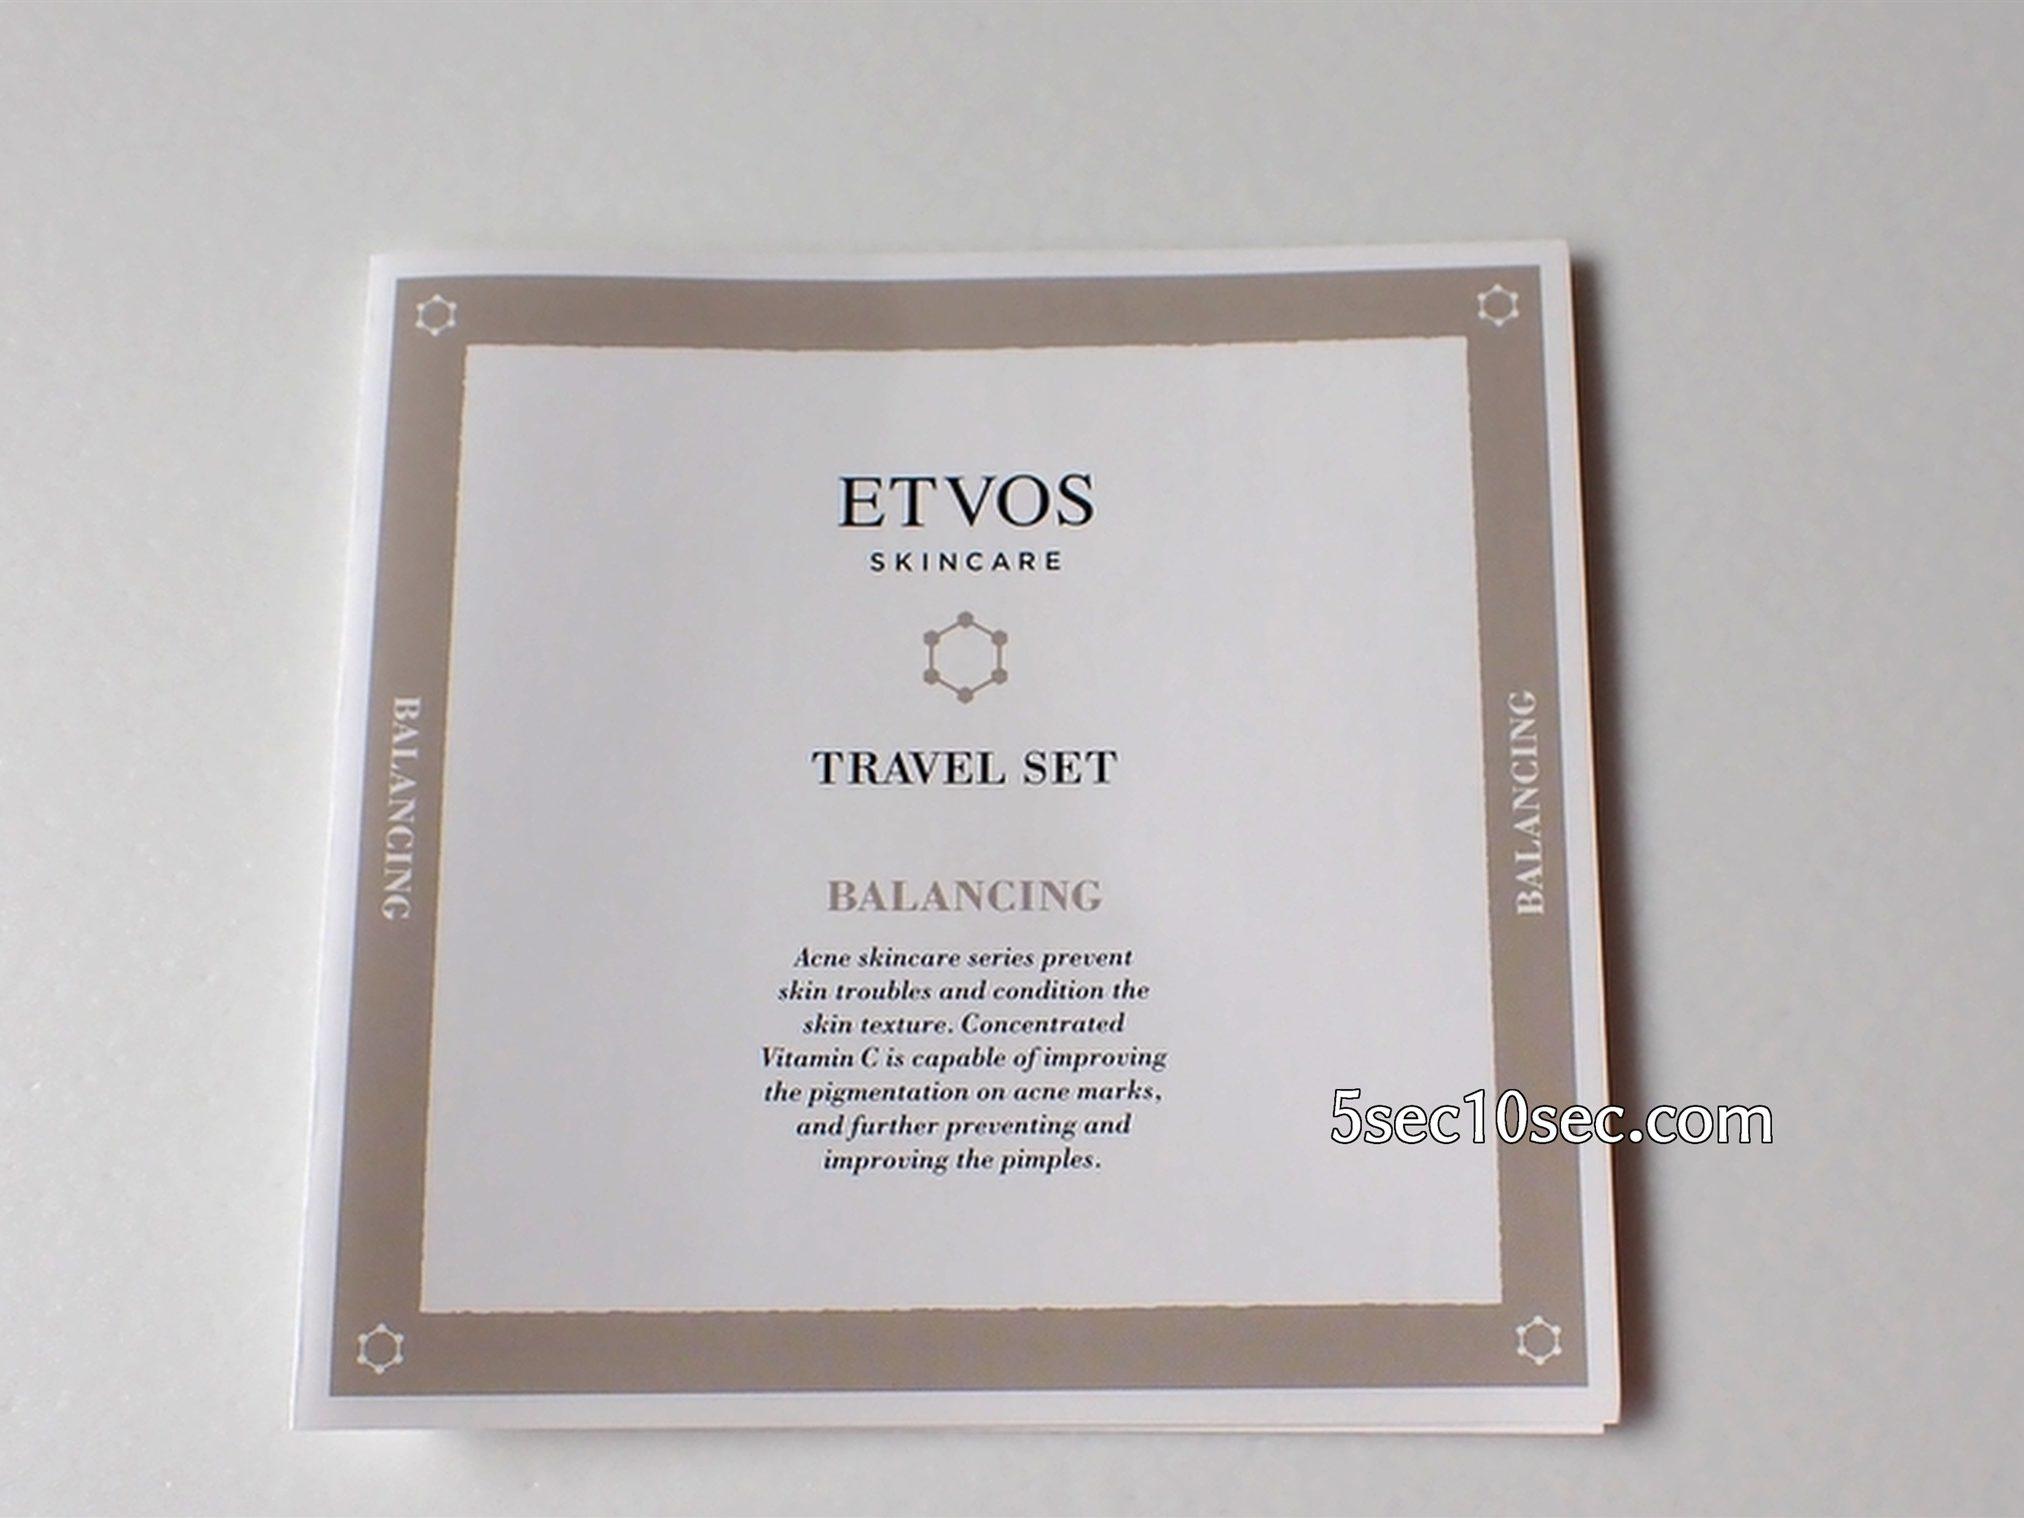 エトヴォス バランシングライントラベルセット付属のリーフレット